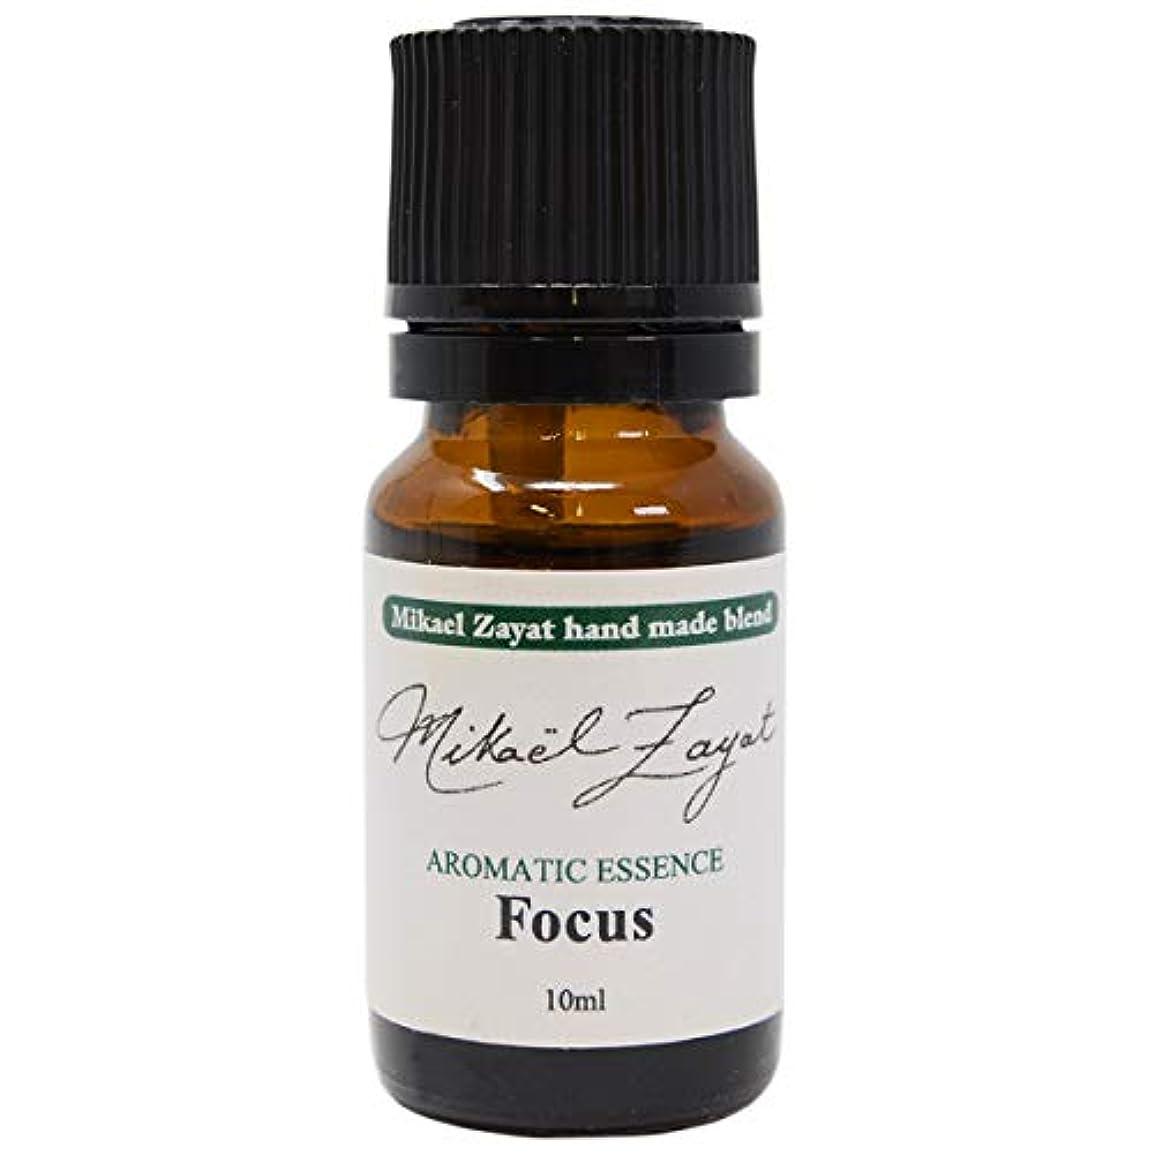 ミカエルザヤット フォーカス Focus 10ml Mikael Zayat hand made blend